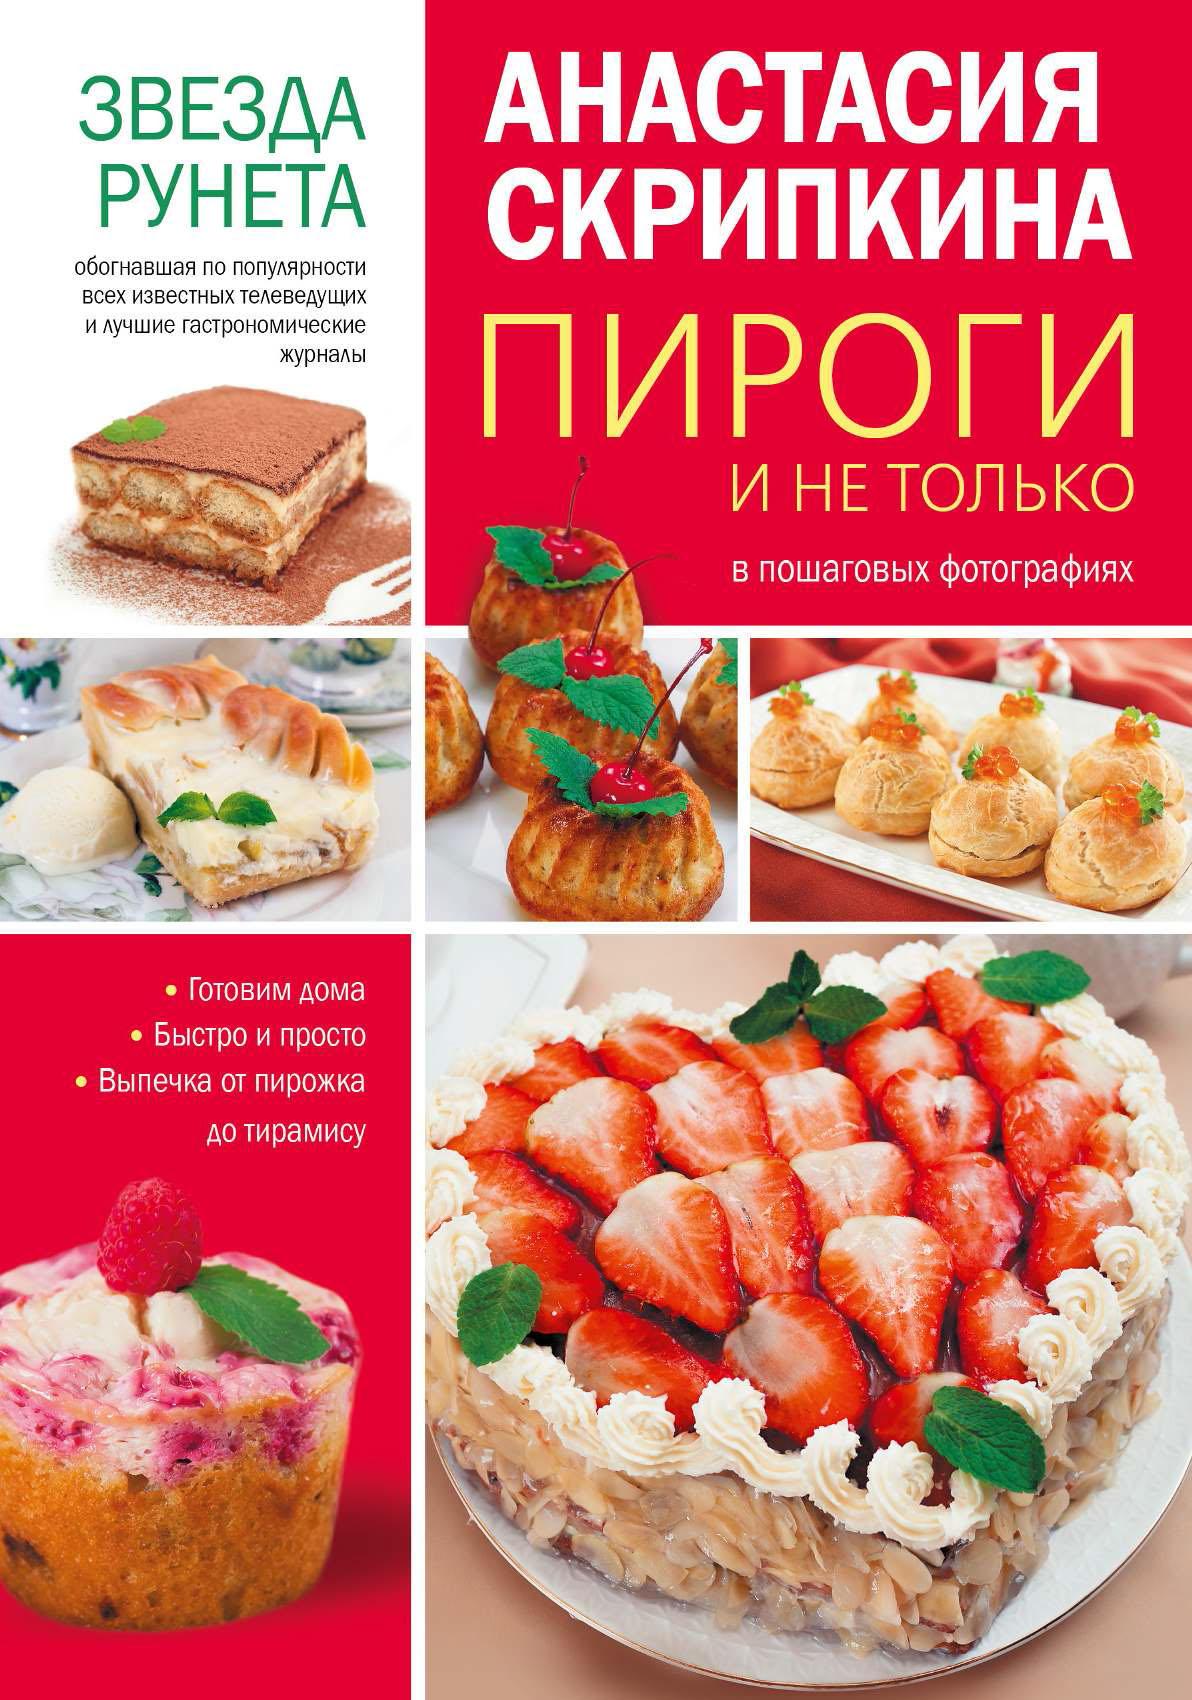 Анастасия Скрипкина Пироги и не только скрипкина а пироги и не только